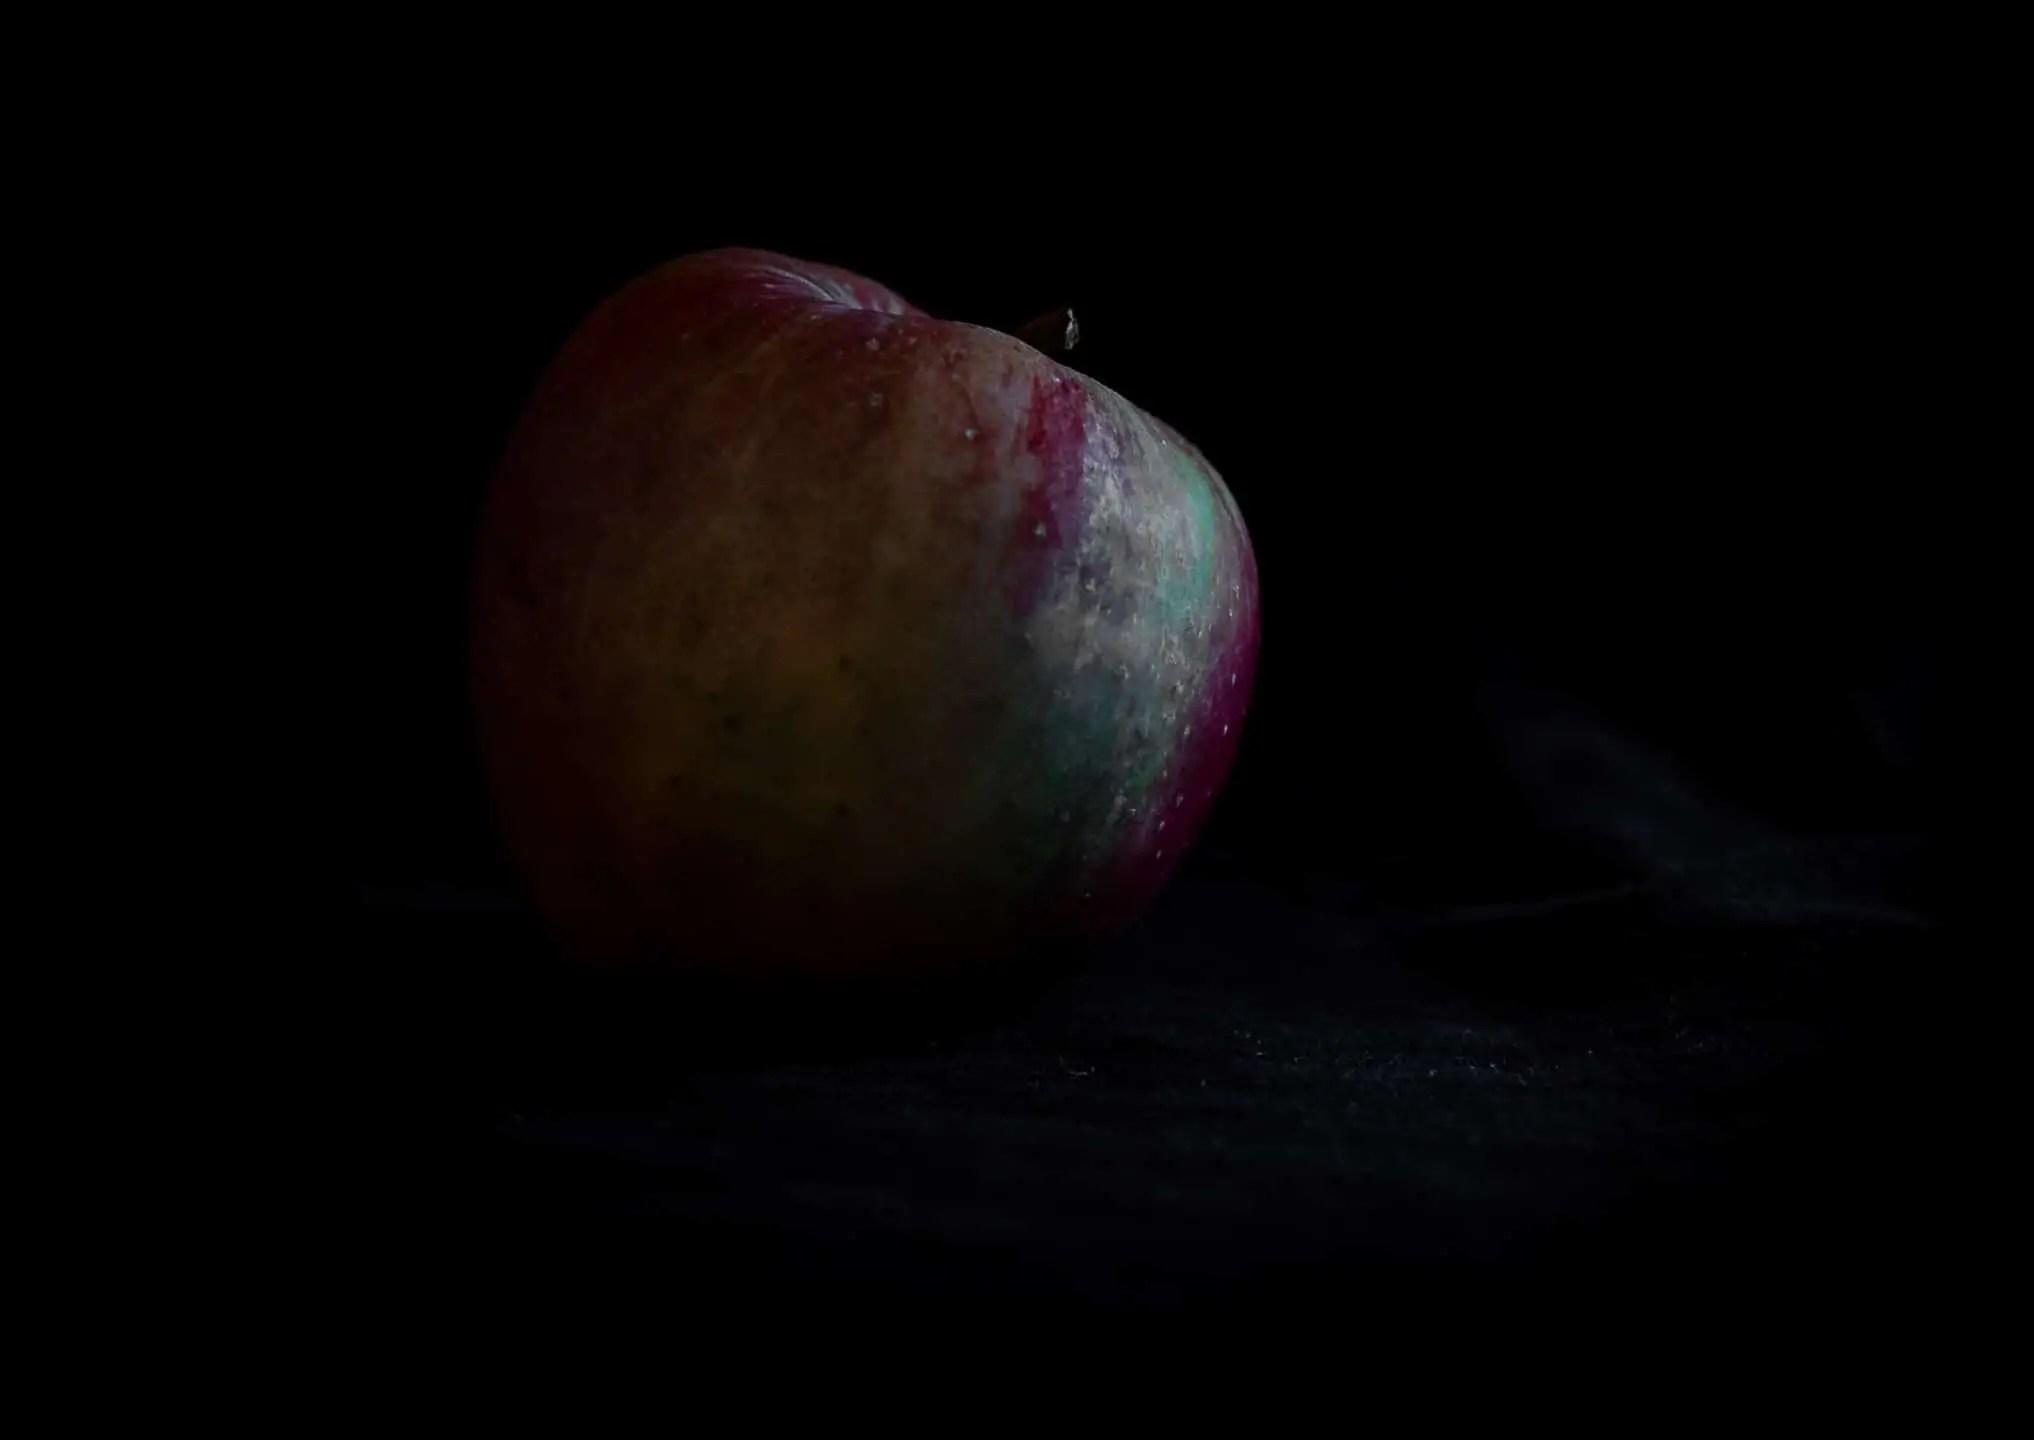 Zdjęcia jabłek w stylu rembrandta 3 - Zdjęcia jabłek - polskie owoce